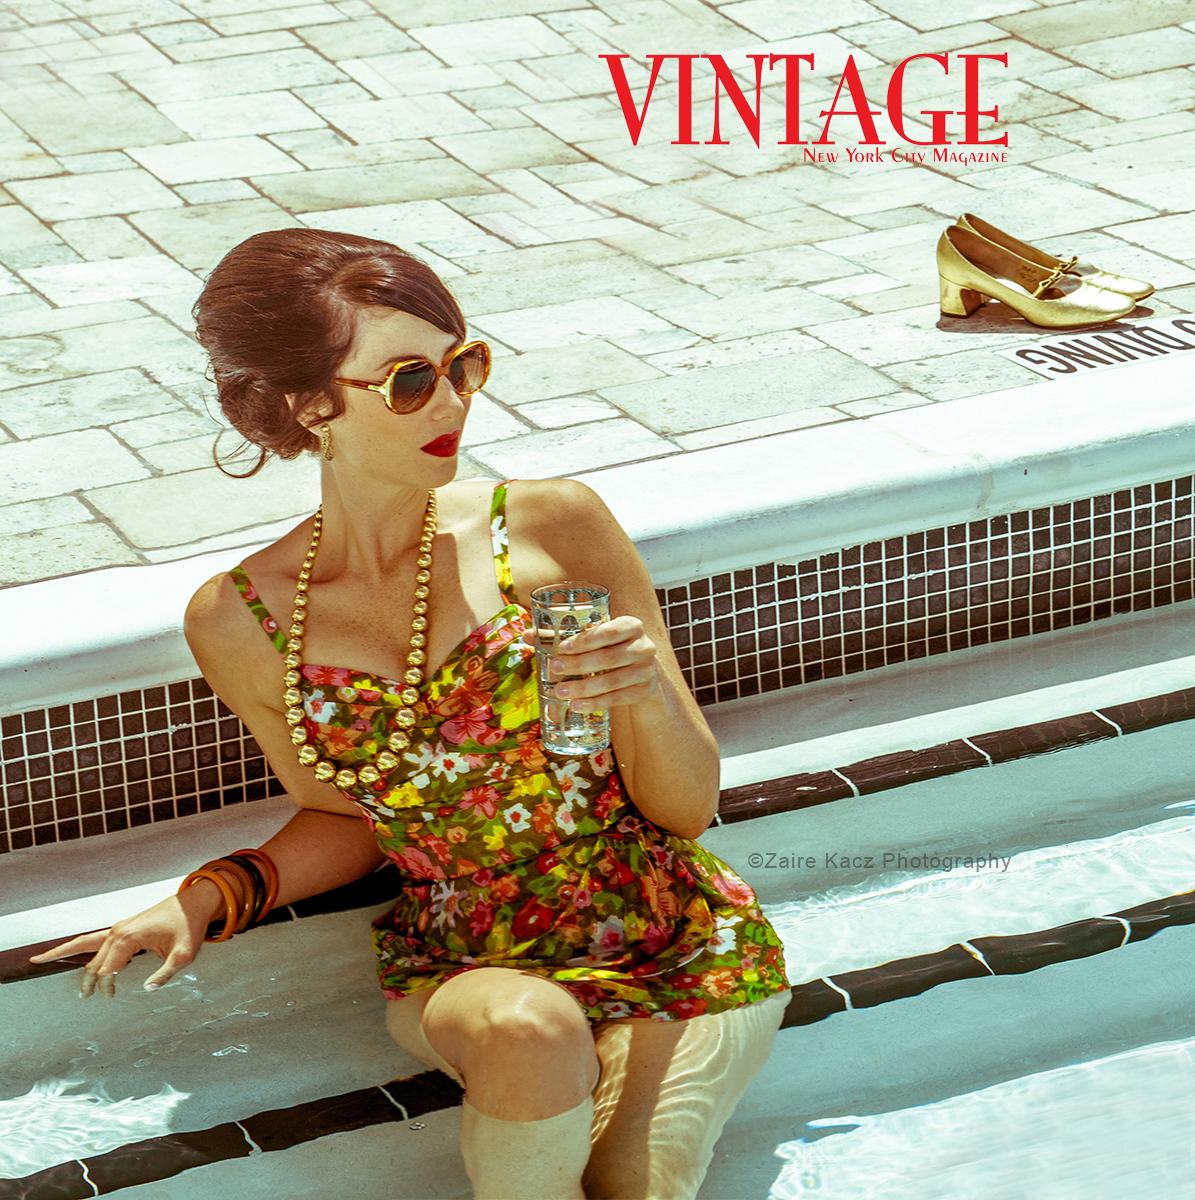 Retro Pool-Vintage-Editorial-NYC-mag